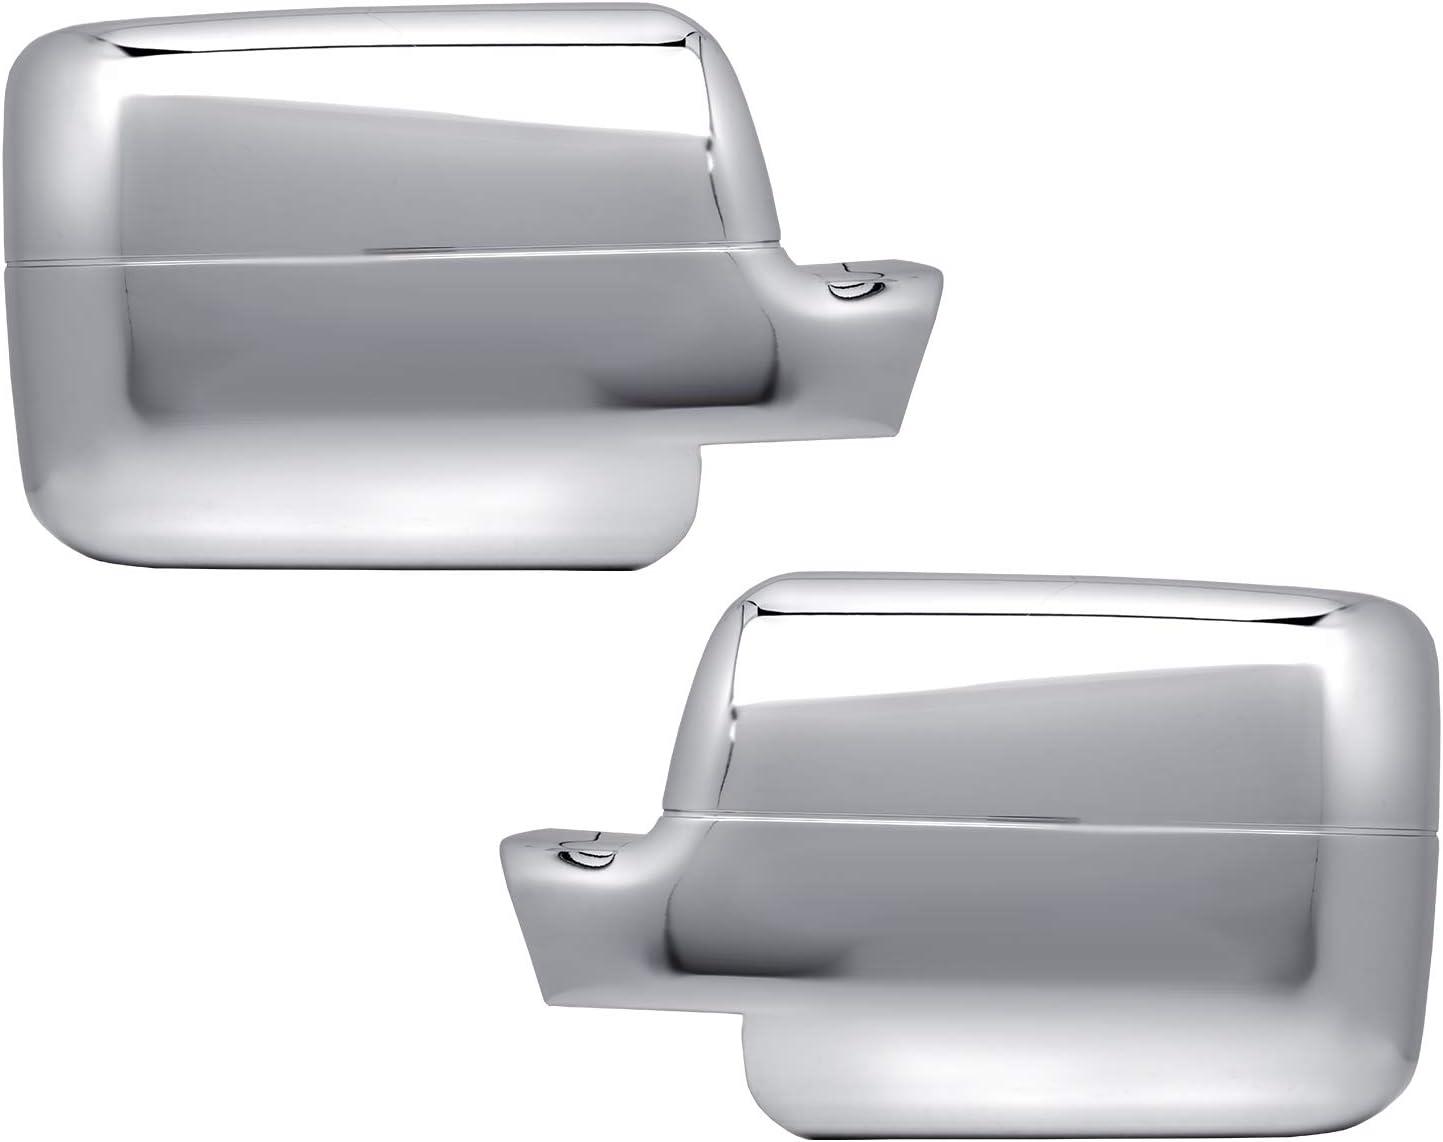 Sizver Chrome Door Mirror+Handles Cover For 2004-2008 Ford F150 4 Door-Model